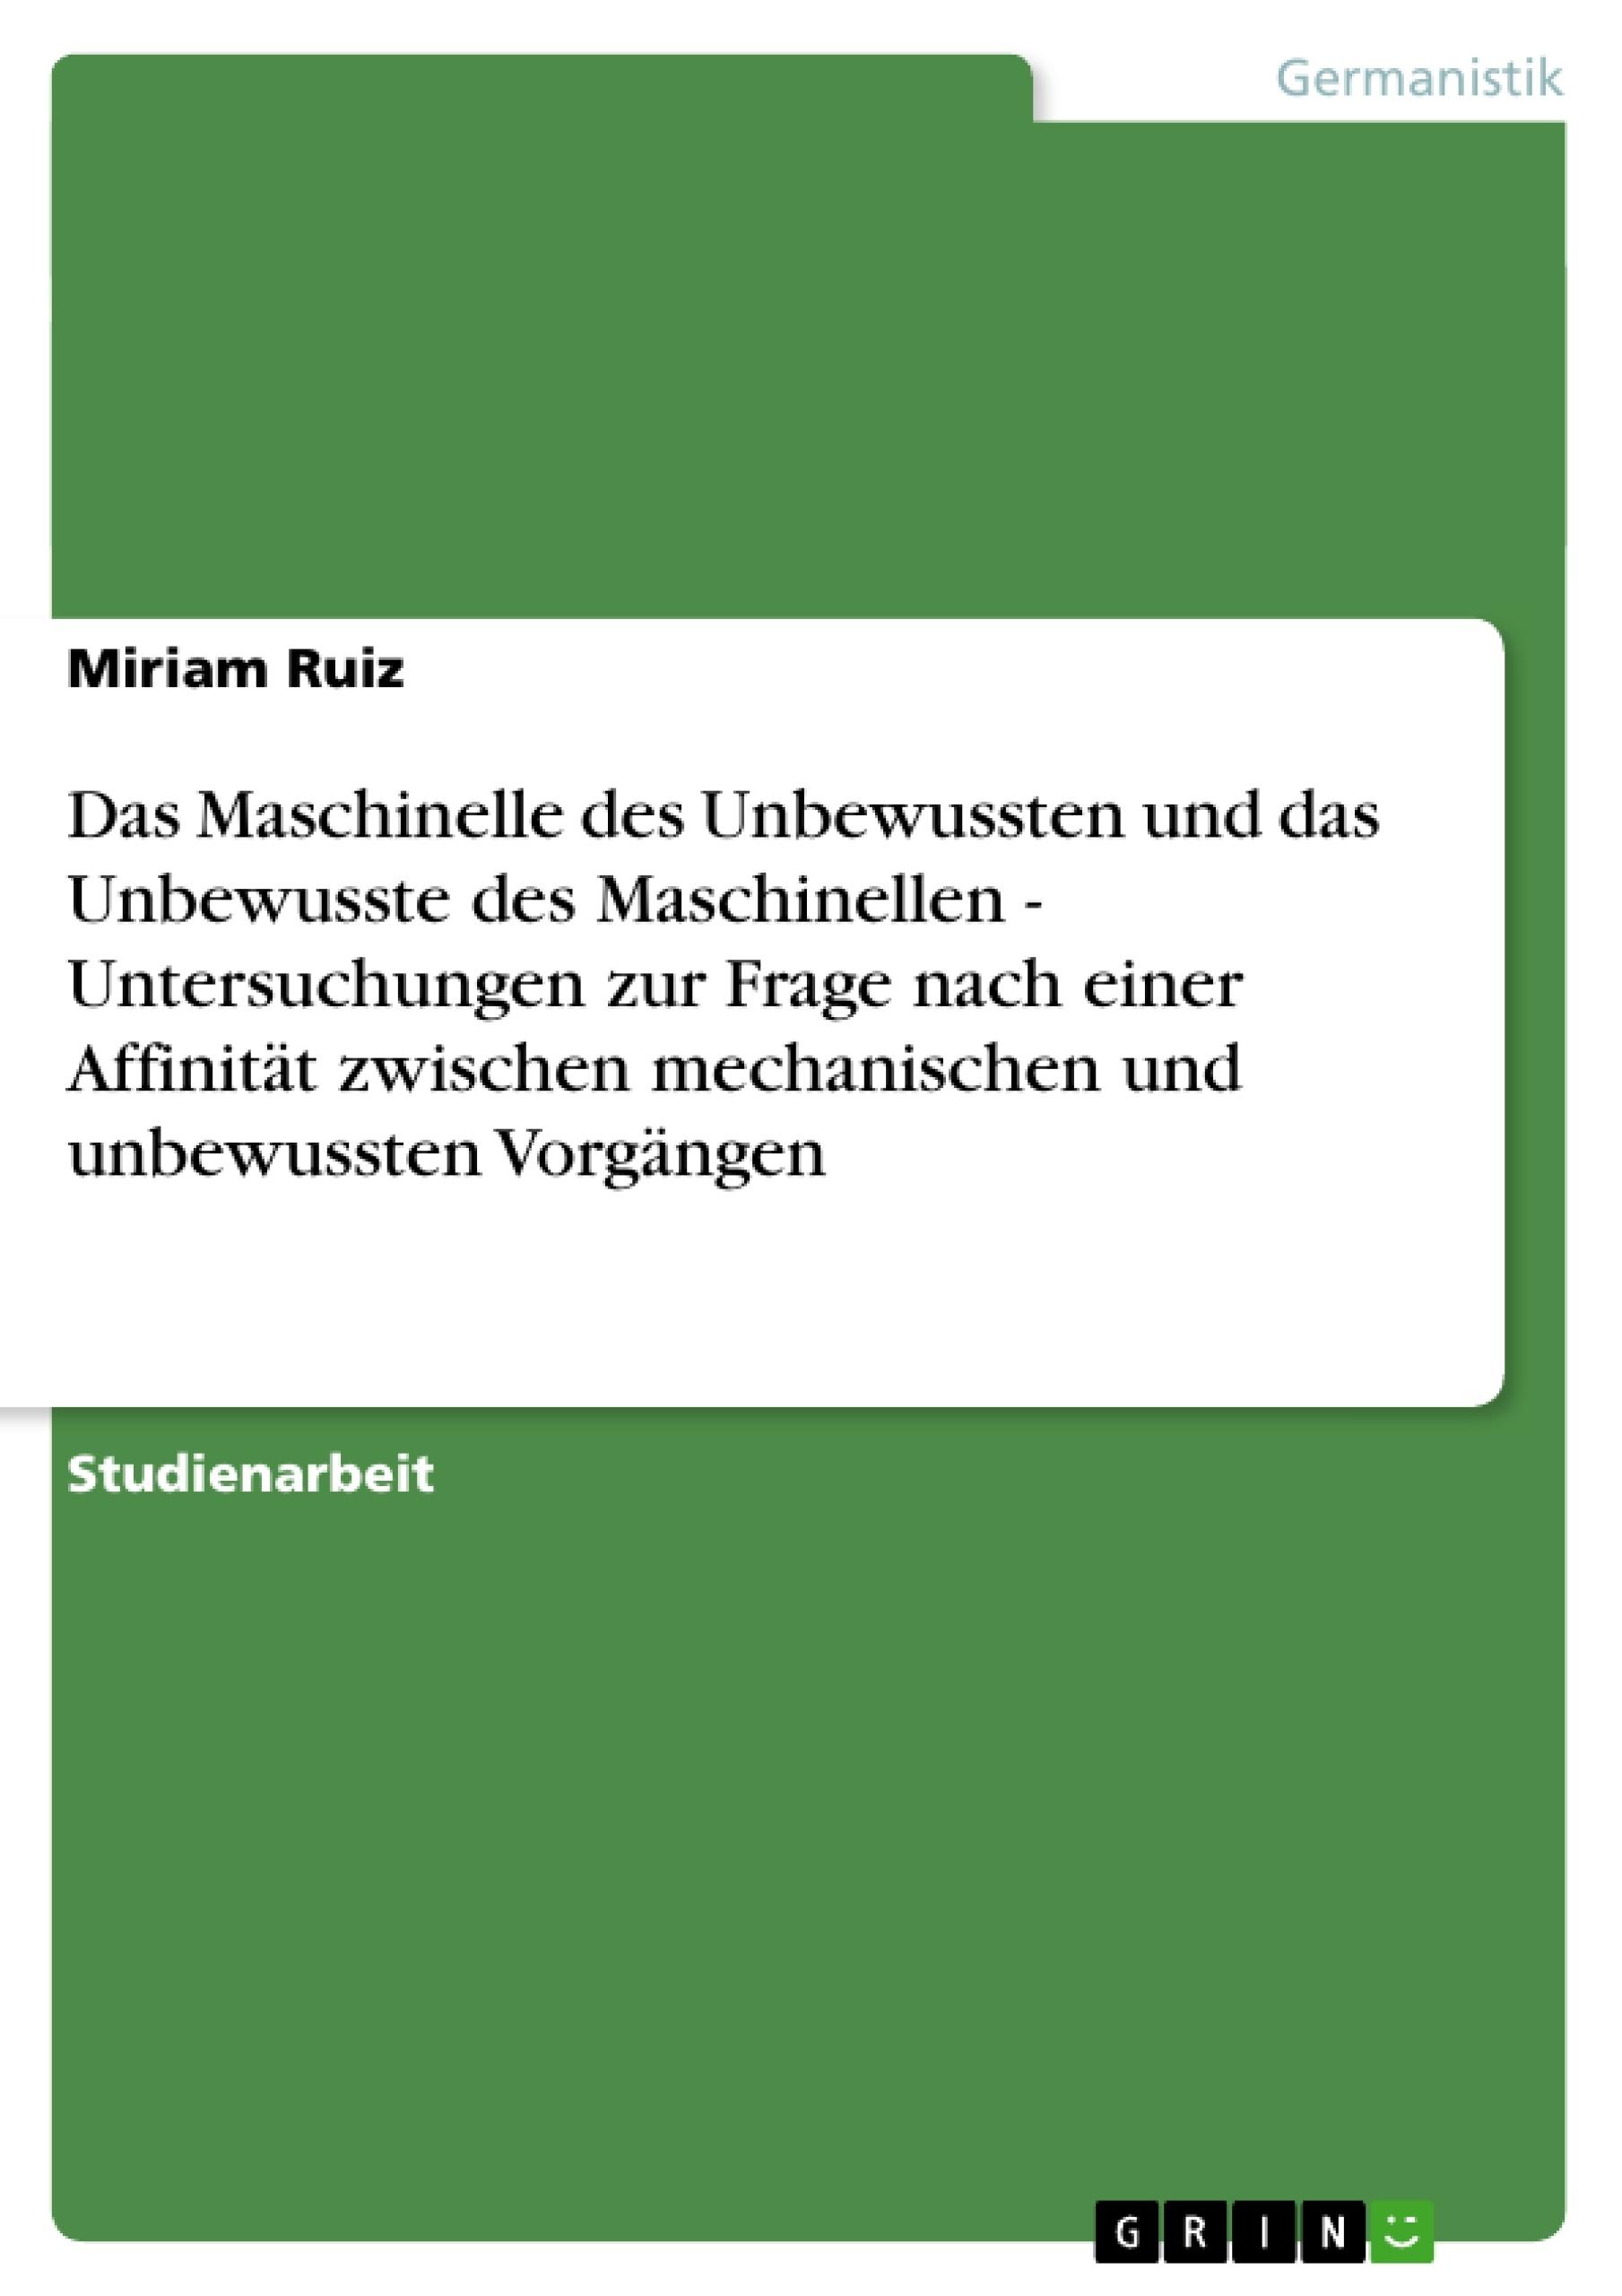 Titel: Das Maschinelle des Unbewussten und das Unbewusste des Maschinellen - Untersuchungen zur Frage nach einer Affinität zwischen mechanischen und unbewussten Vorgängen